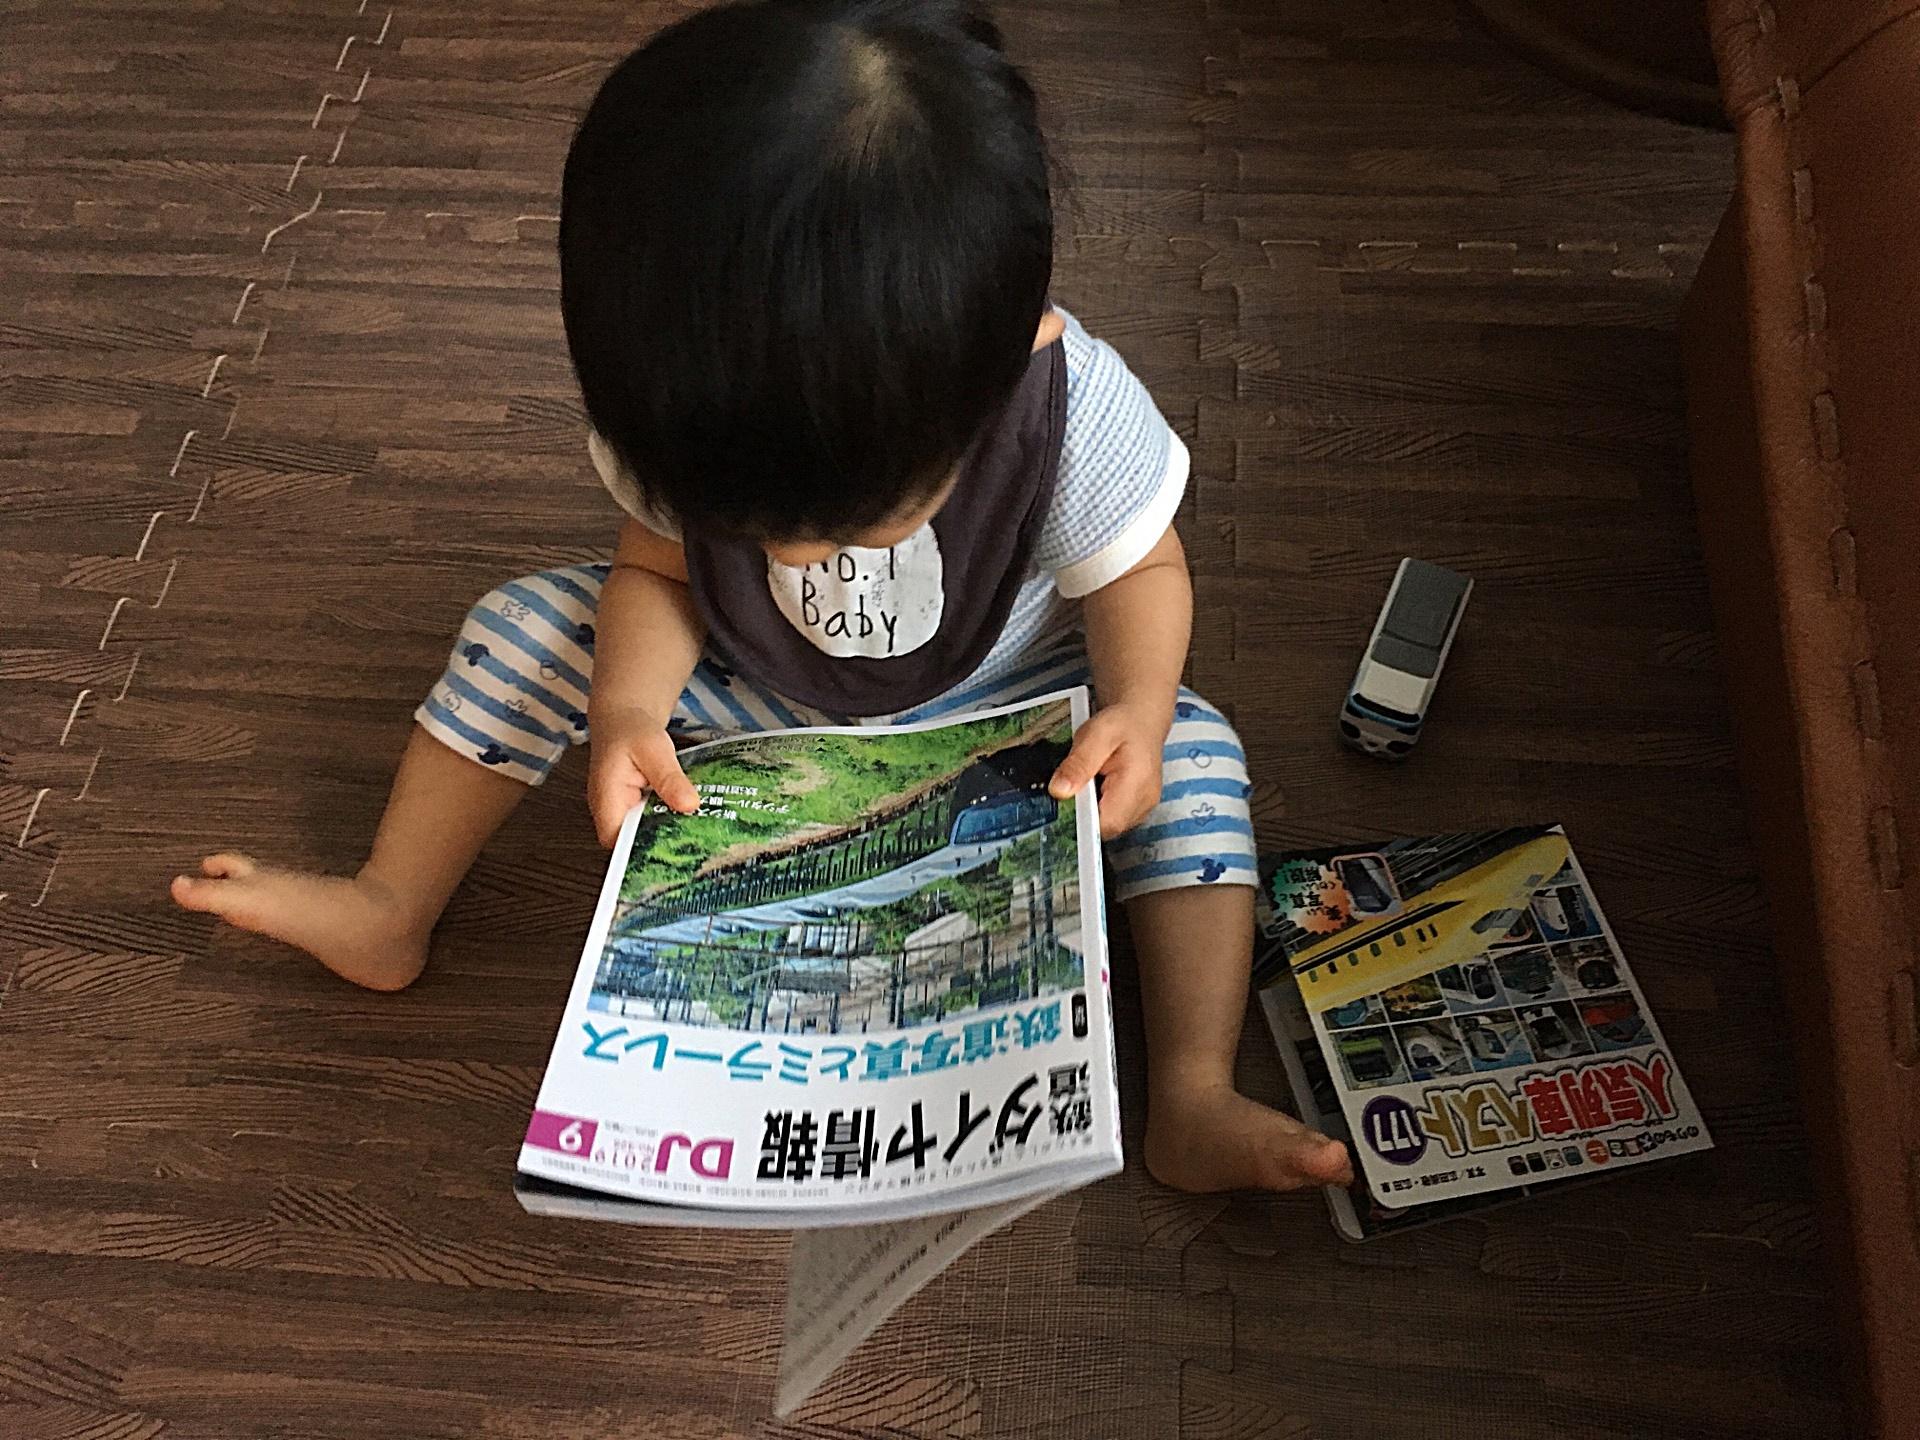 輝堂ダイヤ情報を見る愛息.JPG